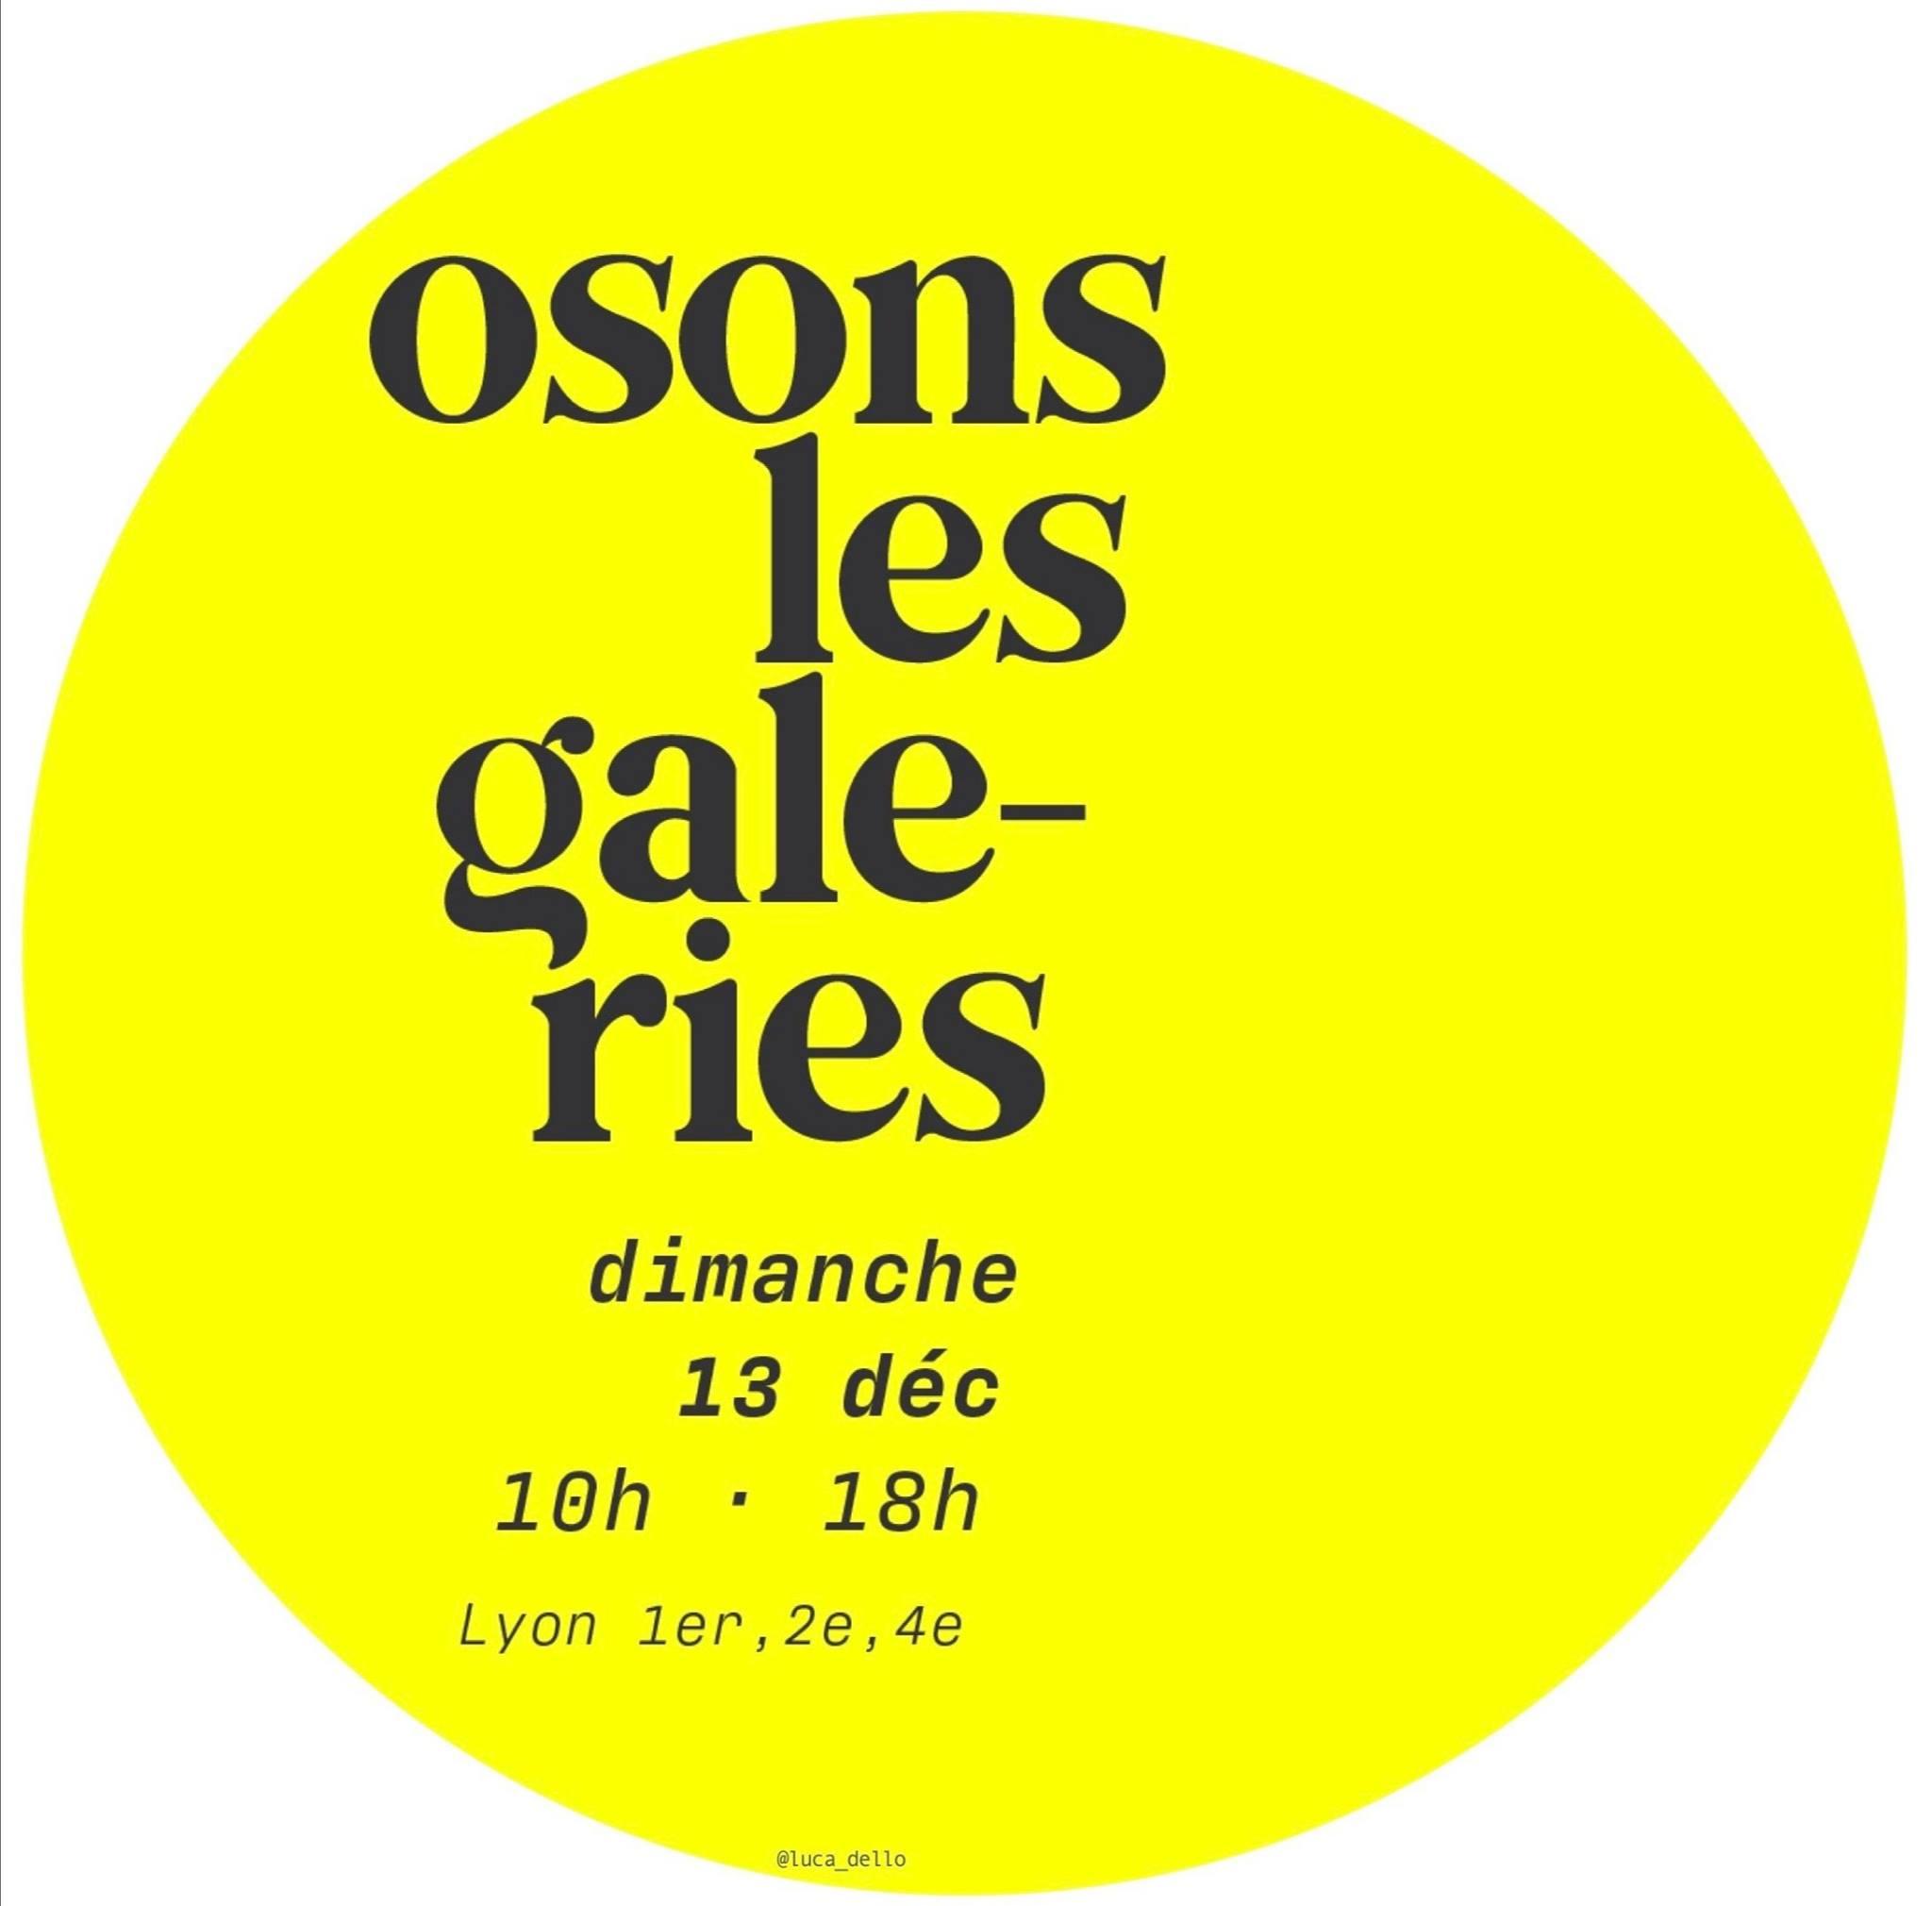 Osons les galeries ! le dimanche 13 décembre à Lyon